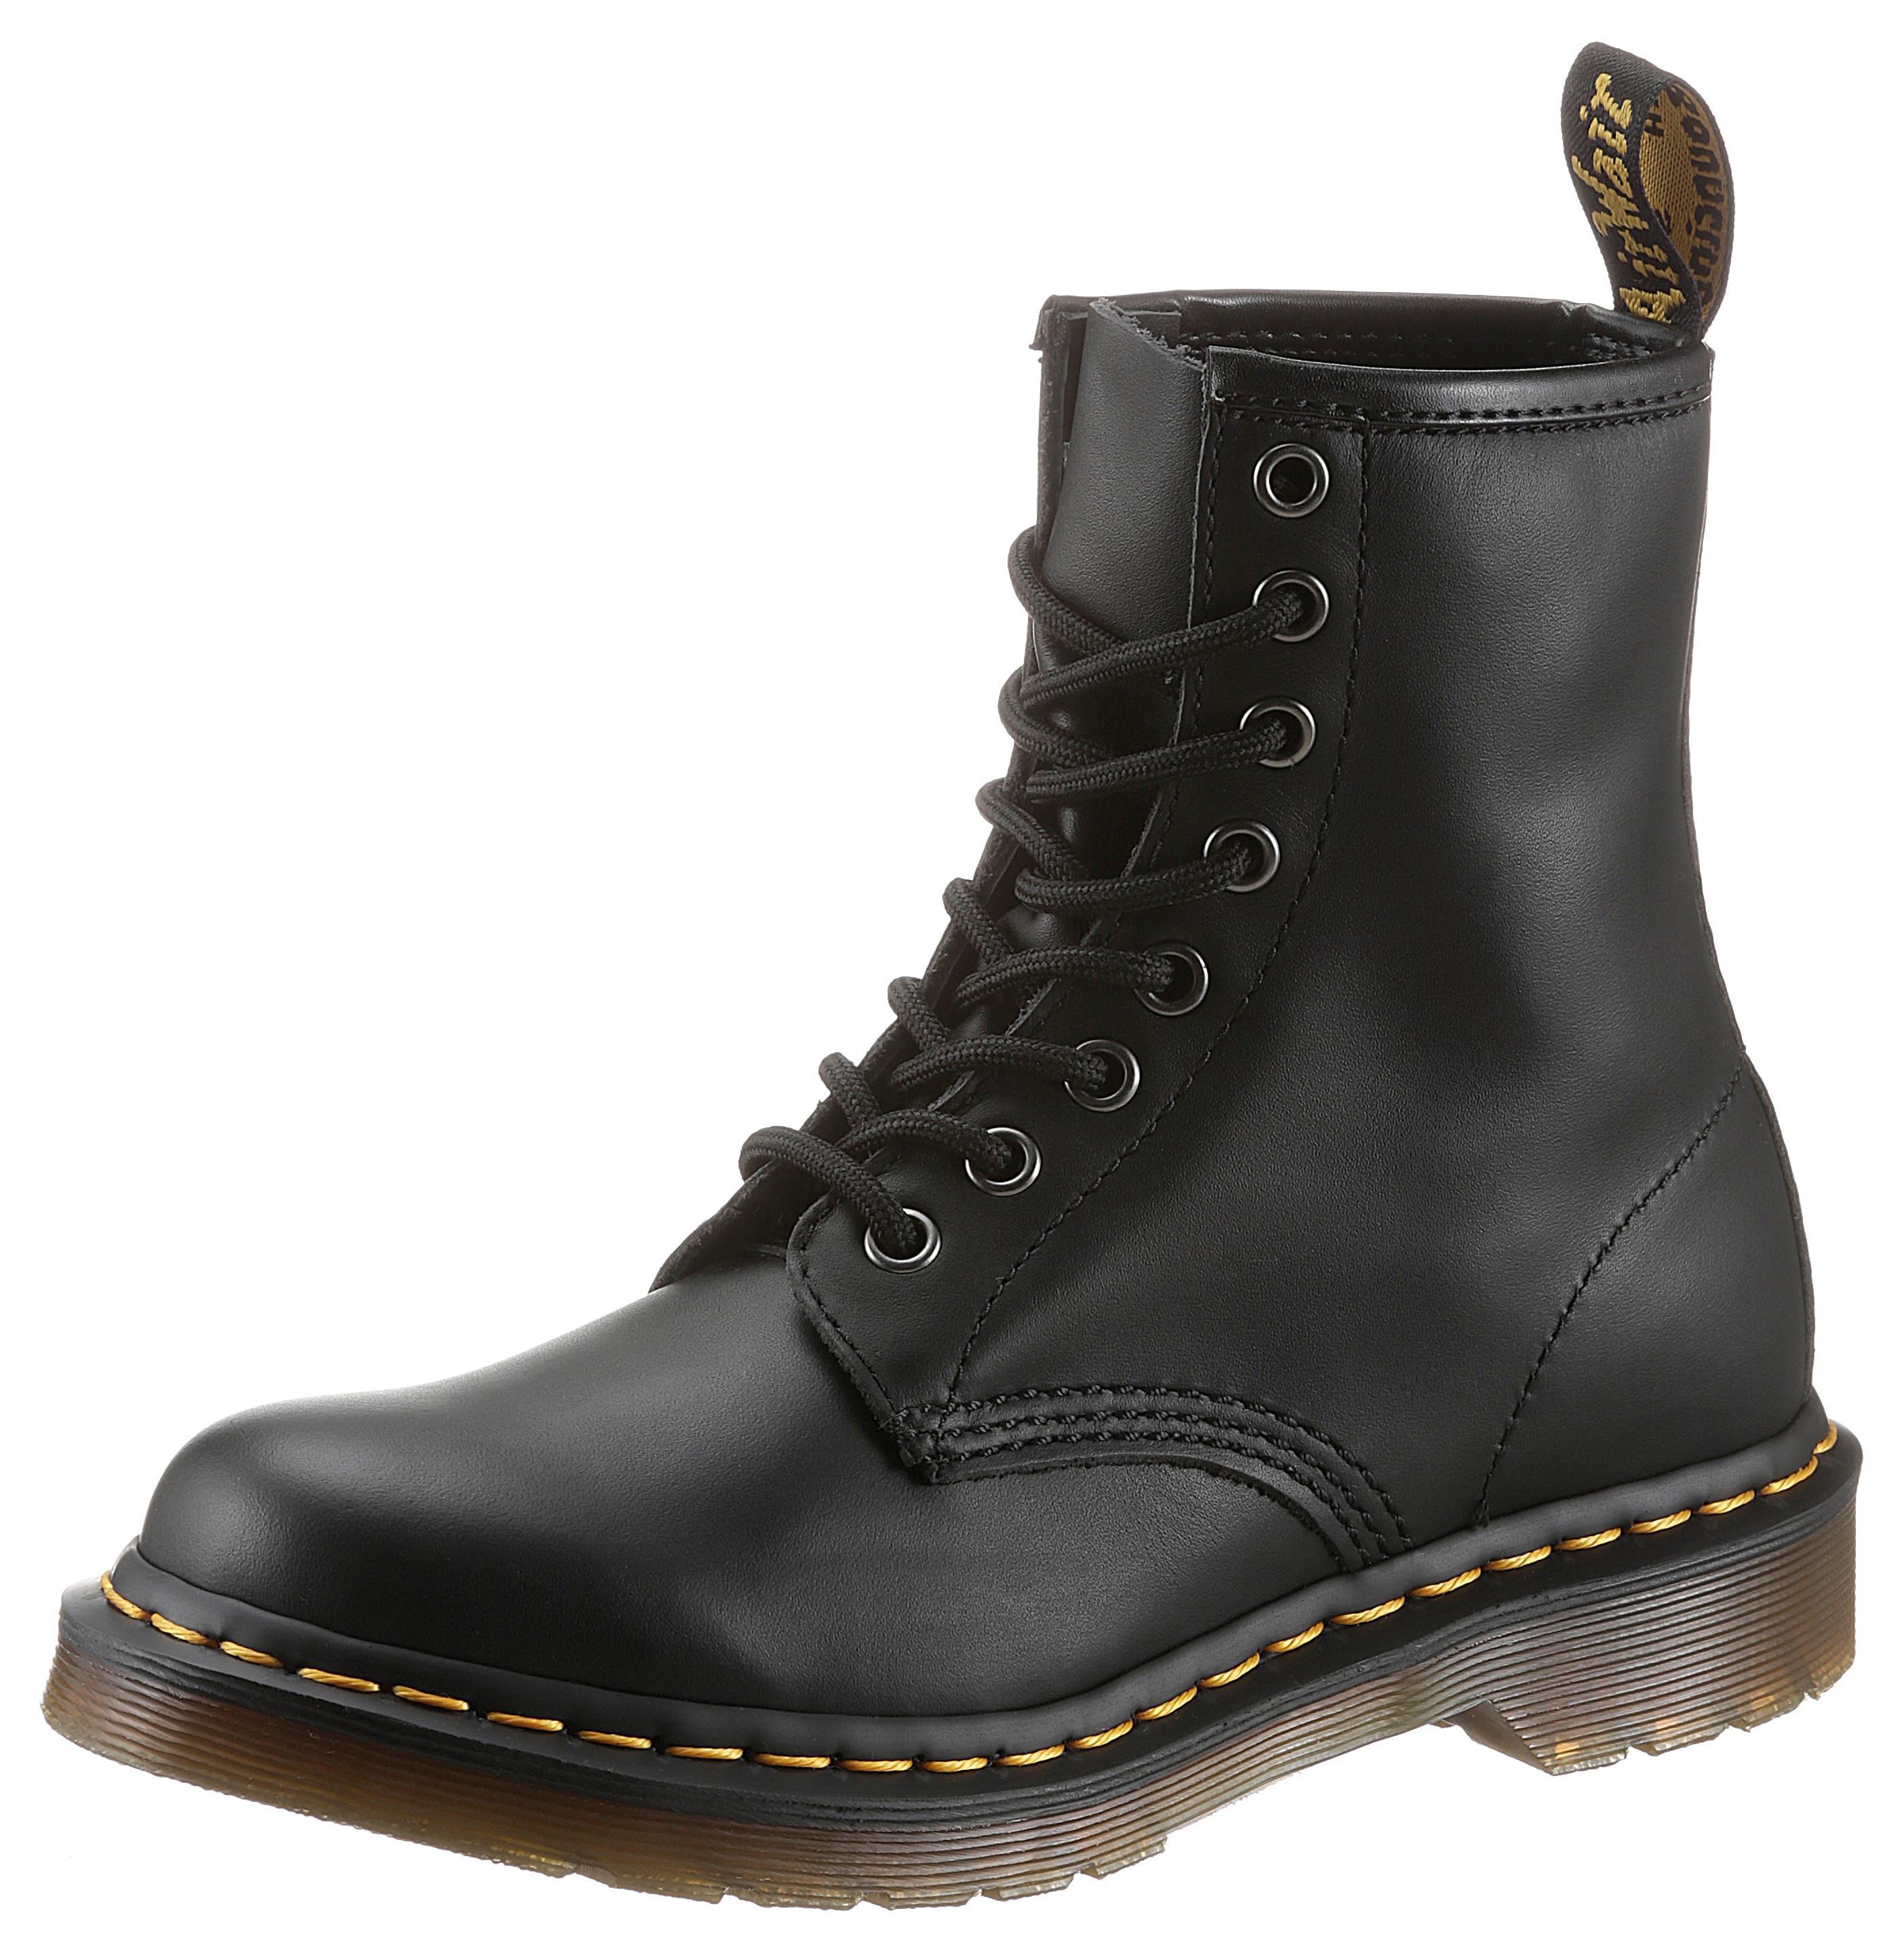 dr. martens -  Schnürstiefel 1460 Nappa 8 Eye Boot, mit Lederfutter